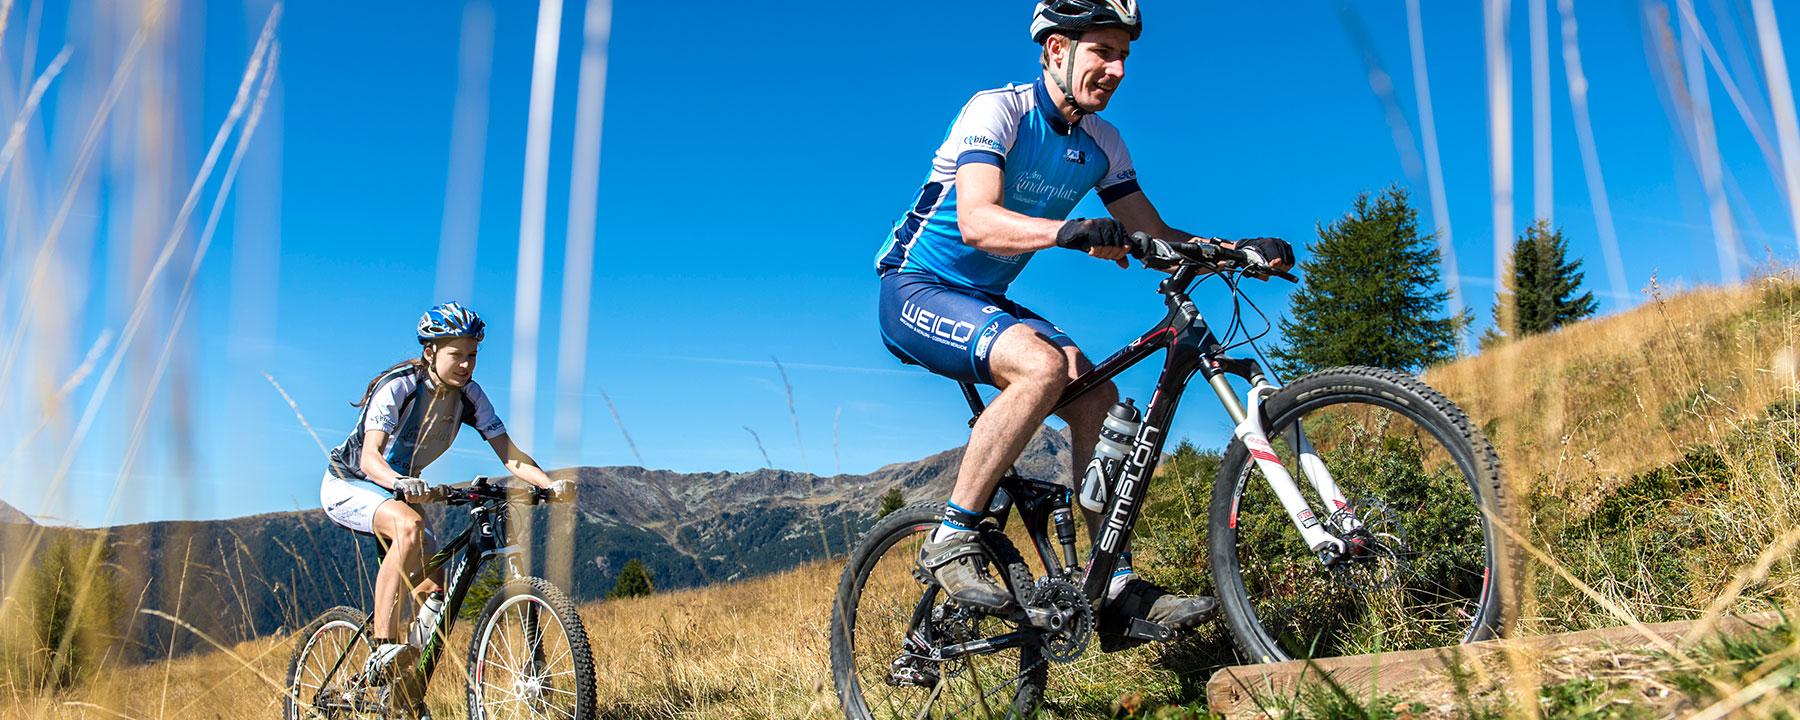 Biken auf der Villanderer Alm im Sommer in Südtirol